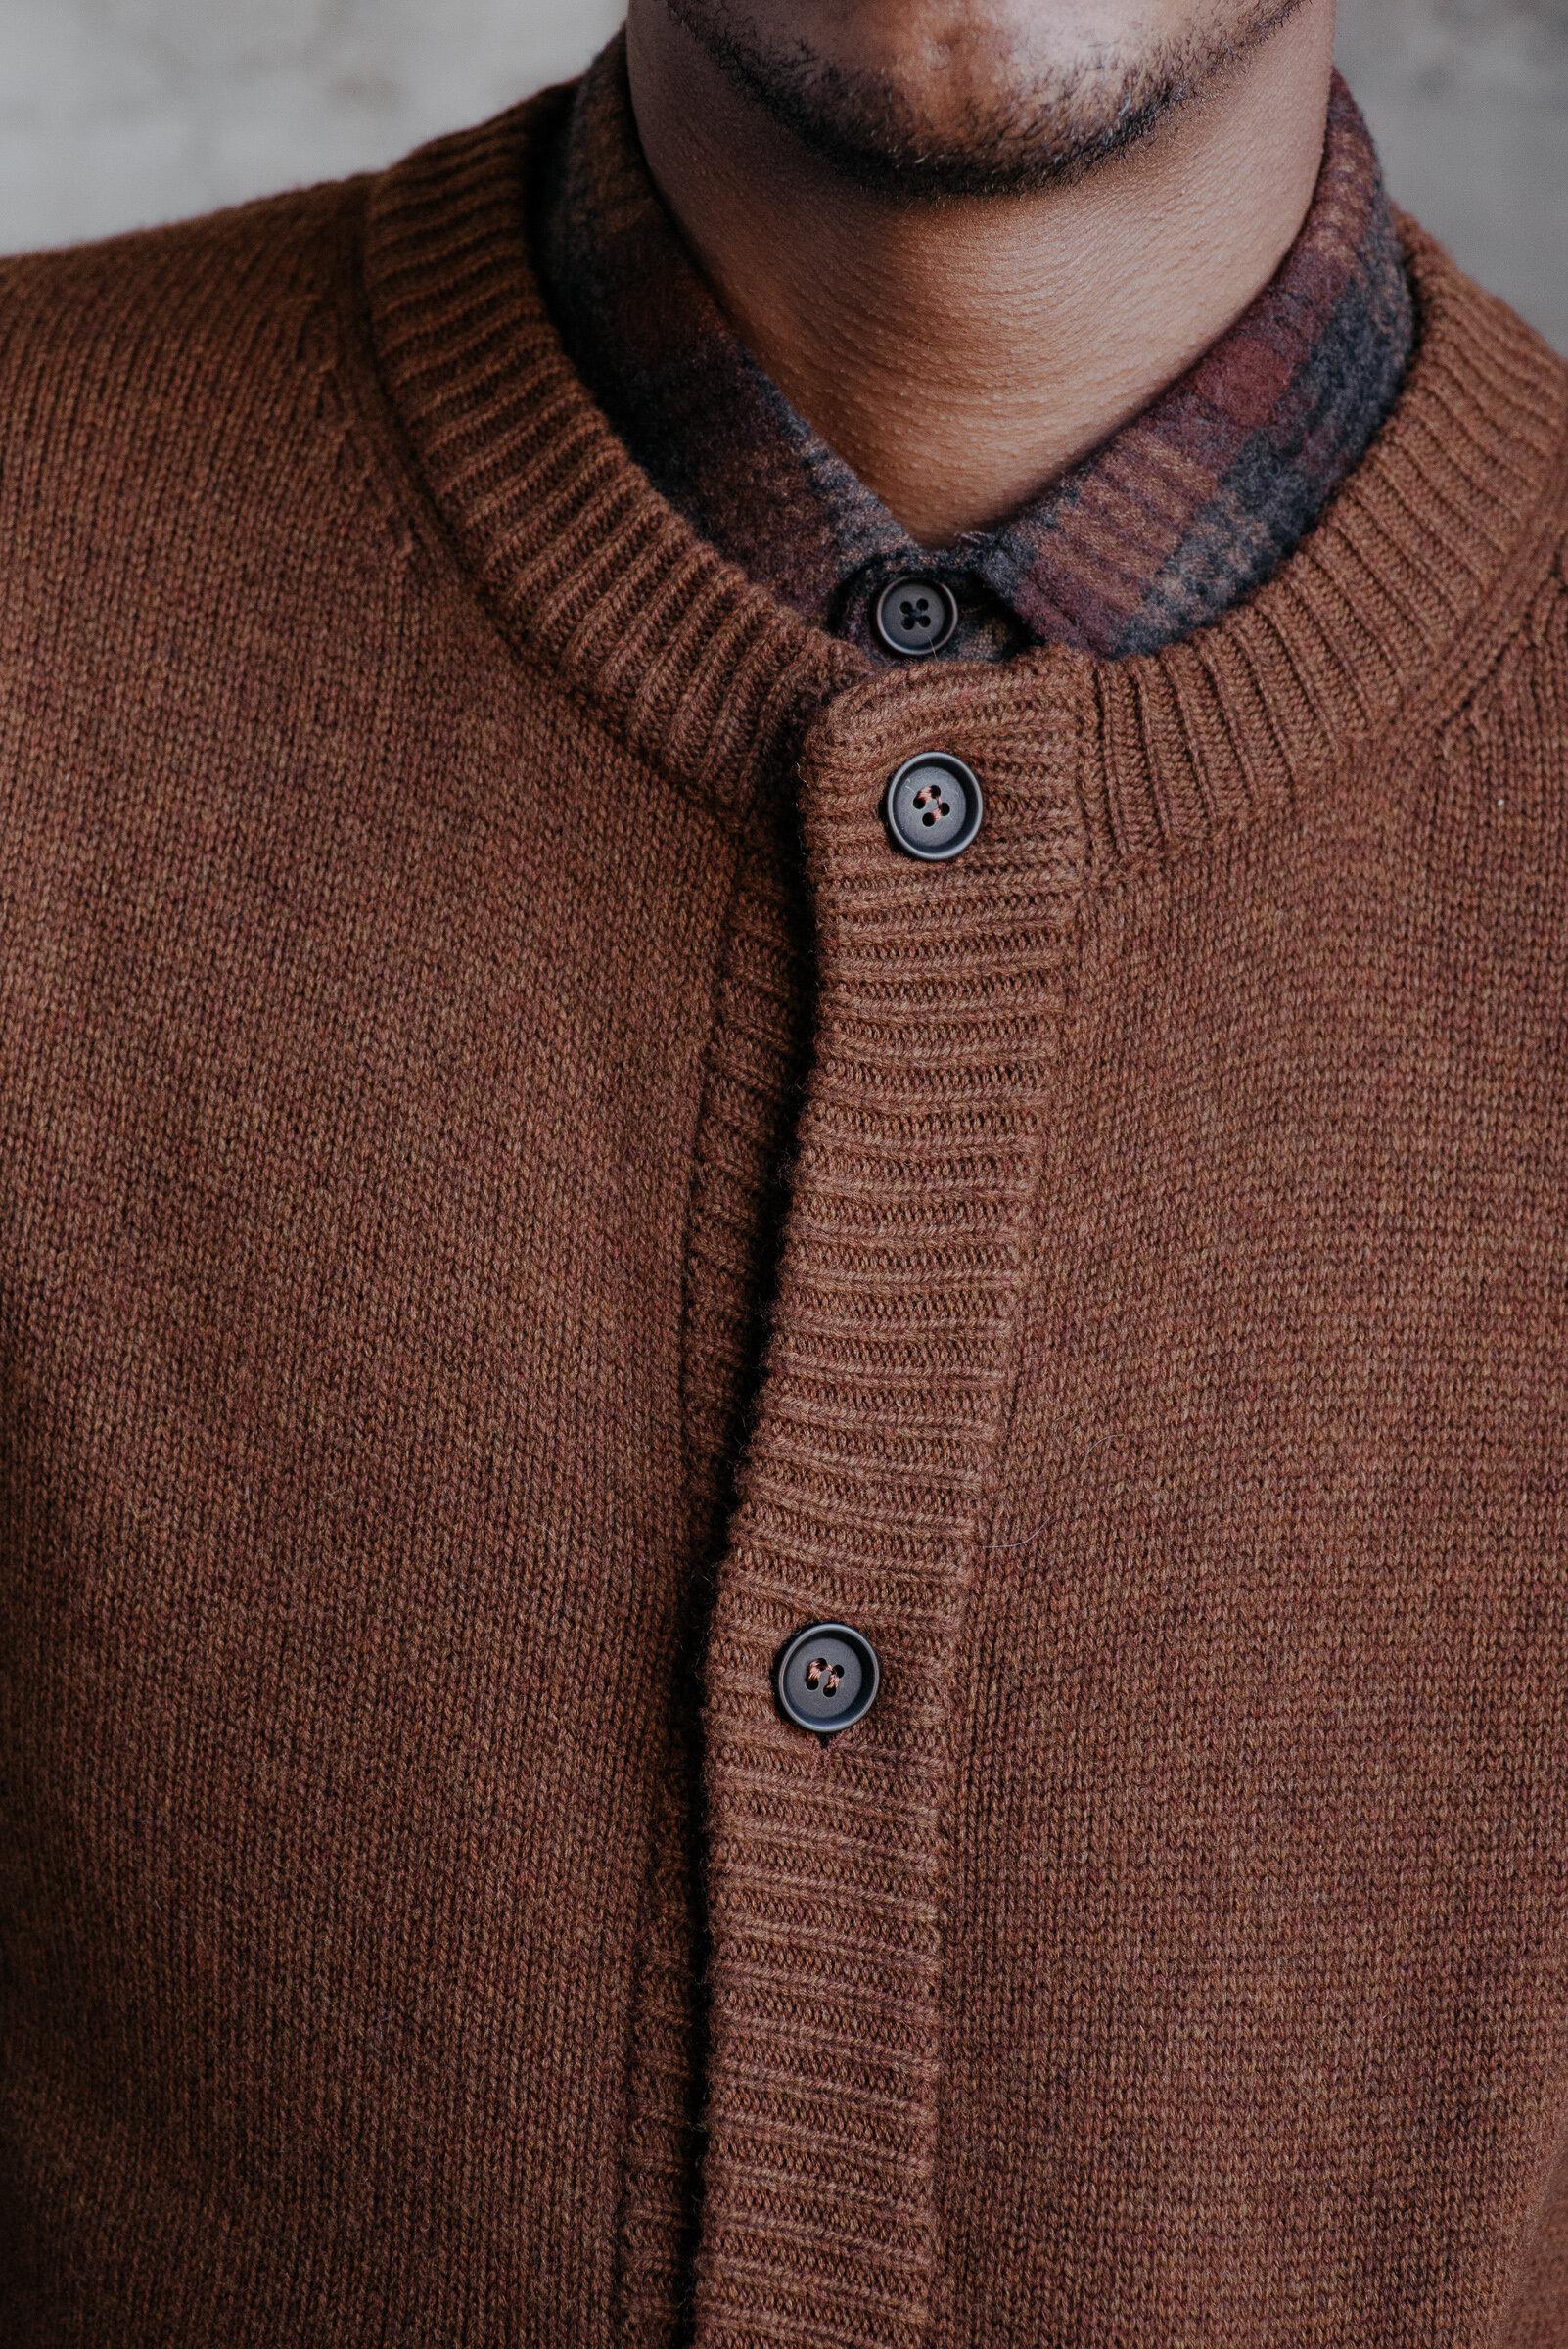 evan-kinori-crewneck-cardigan-sweater-cashmere-lambswool-made-in-italy-5